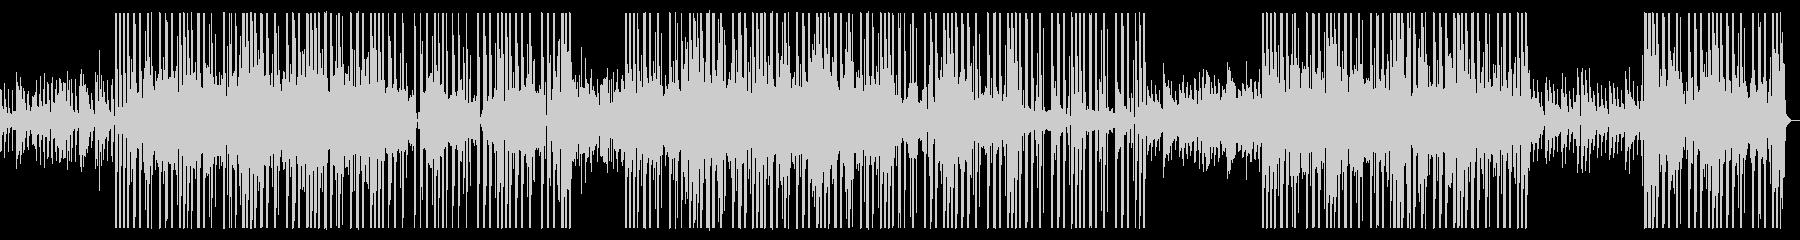 おしゃれR&B系ゆったりポップ、インストの未再生の波形